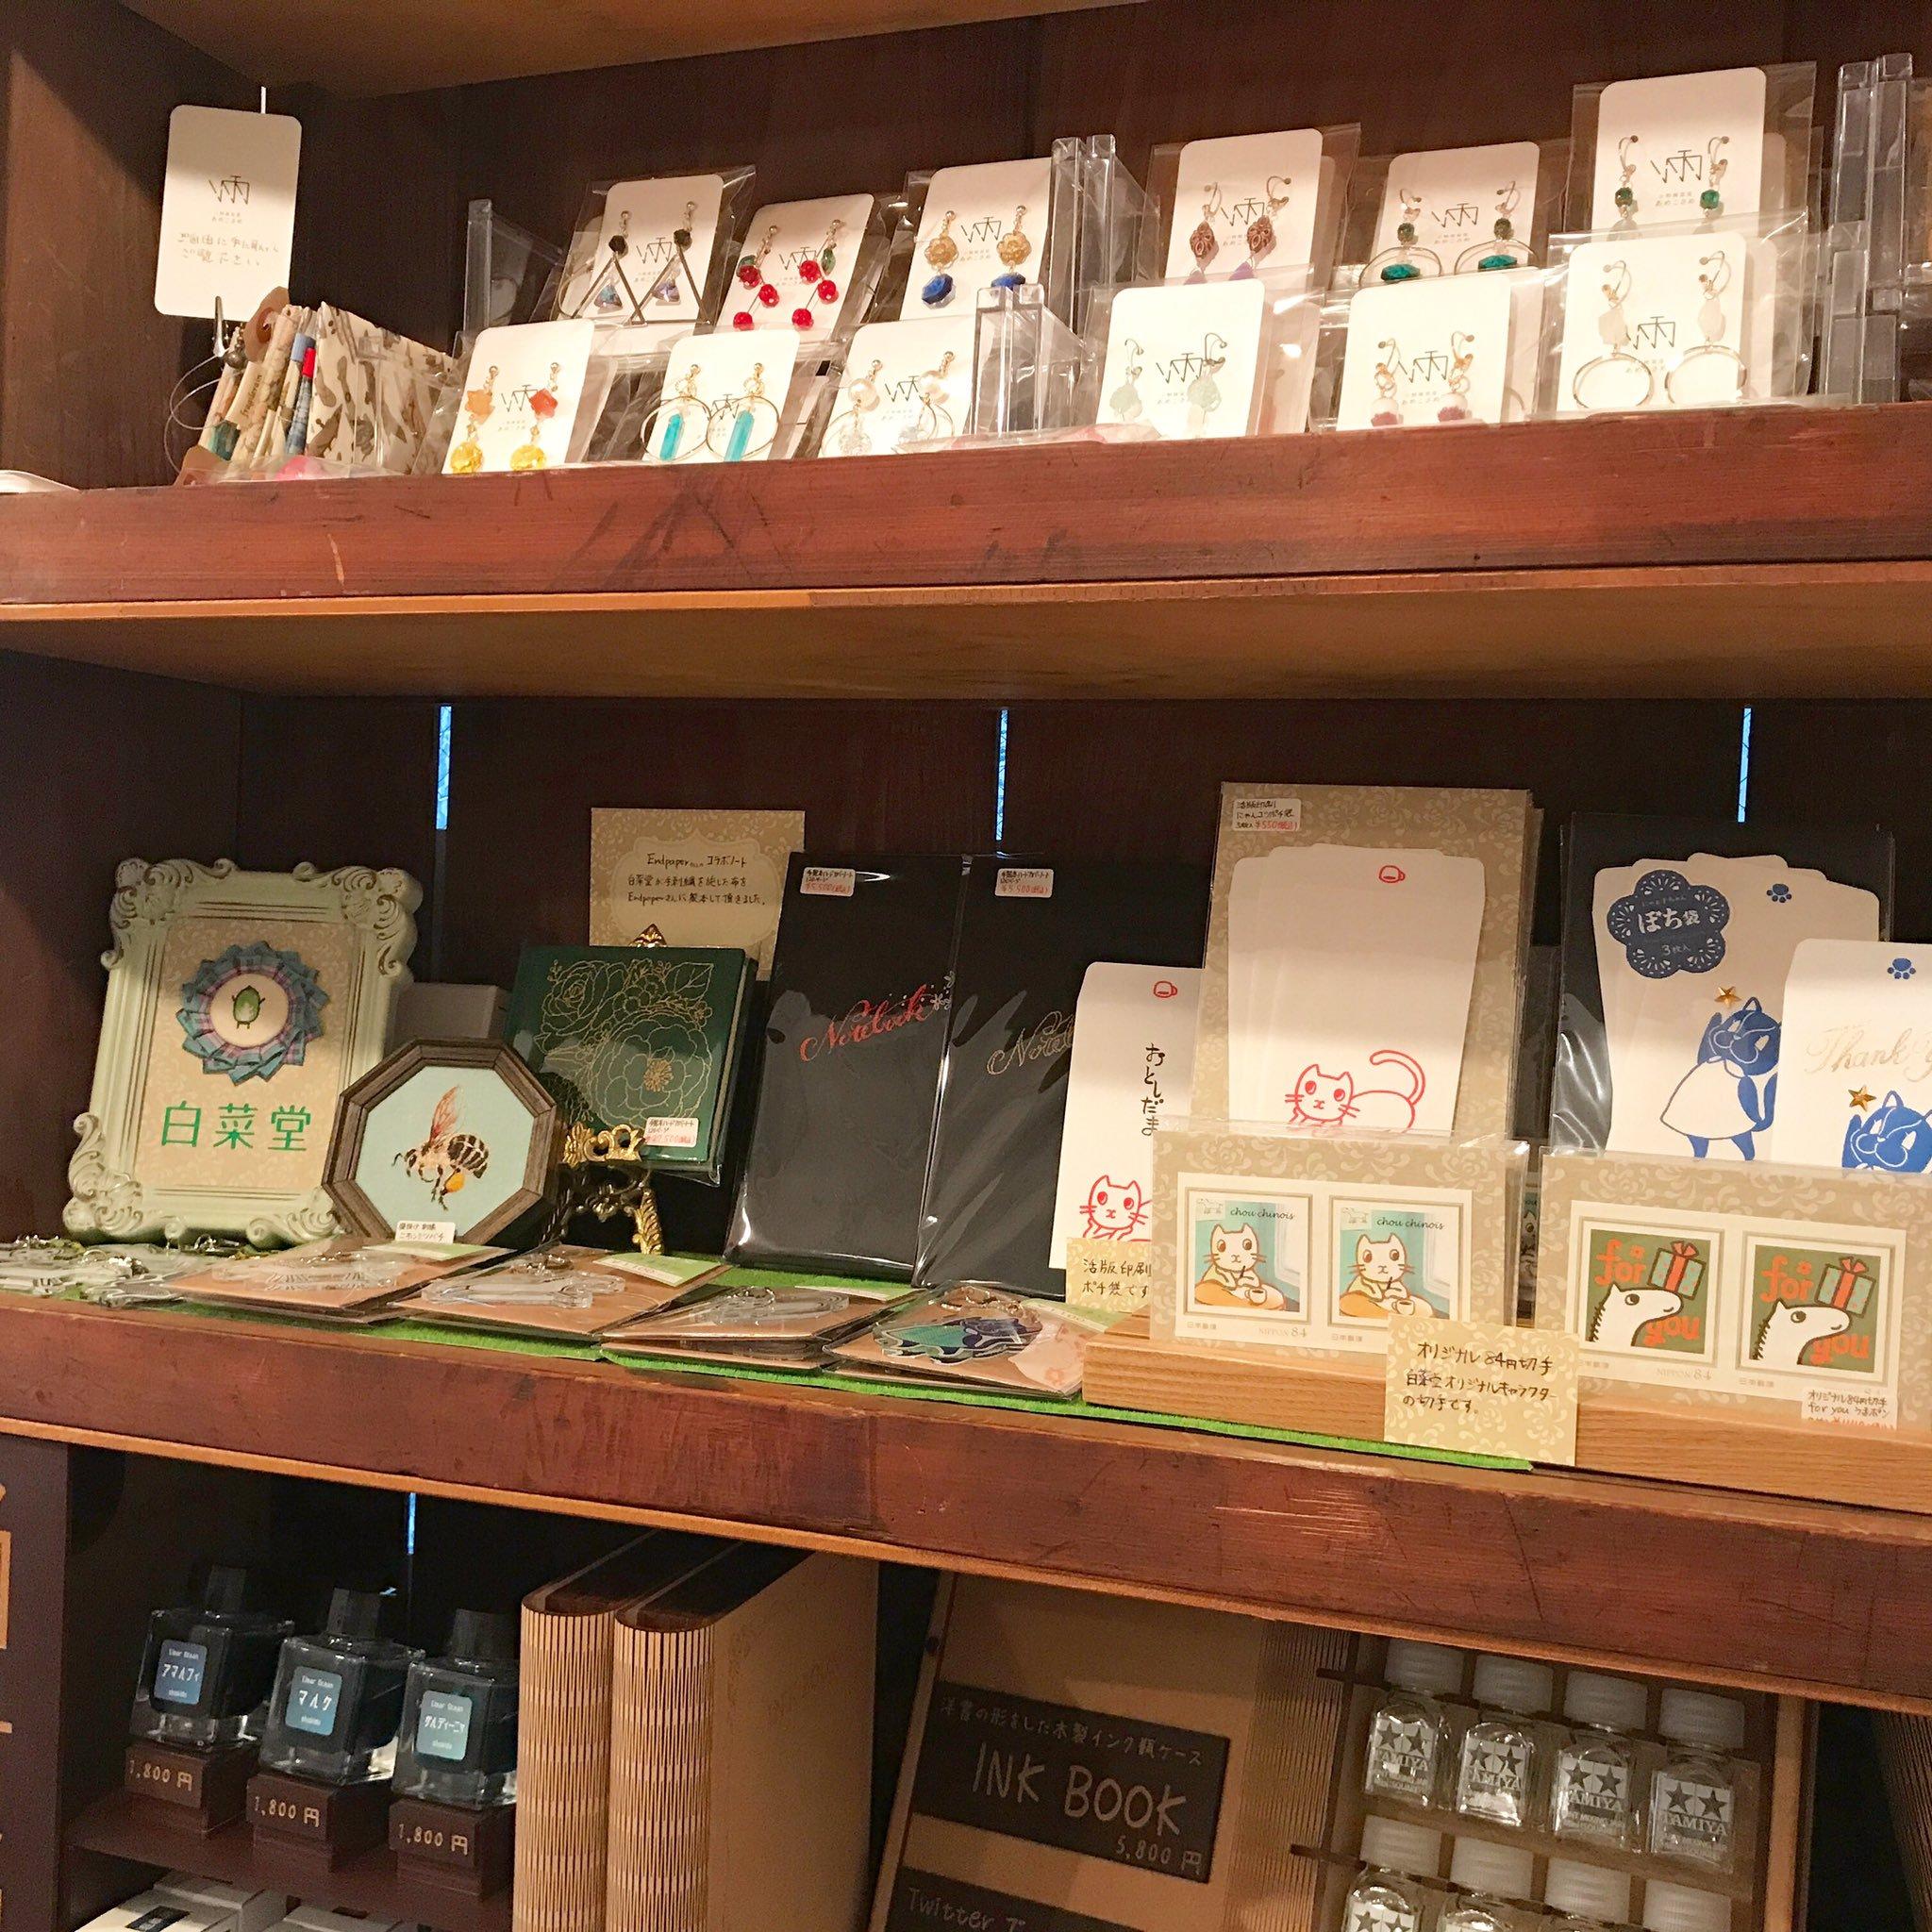 【委託出展】手製本notebook Endpaper さんの新店舗でお世話になります。